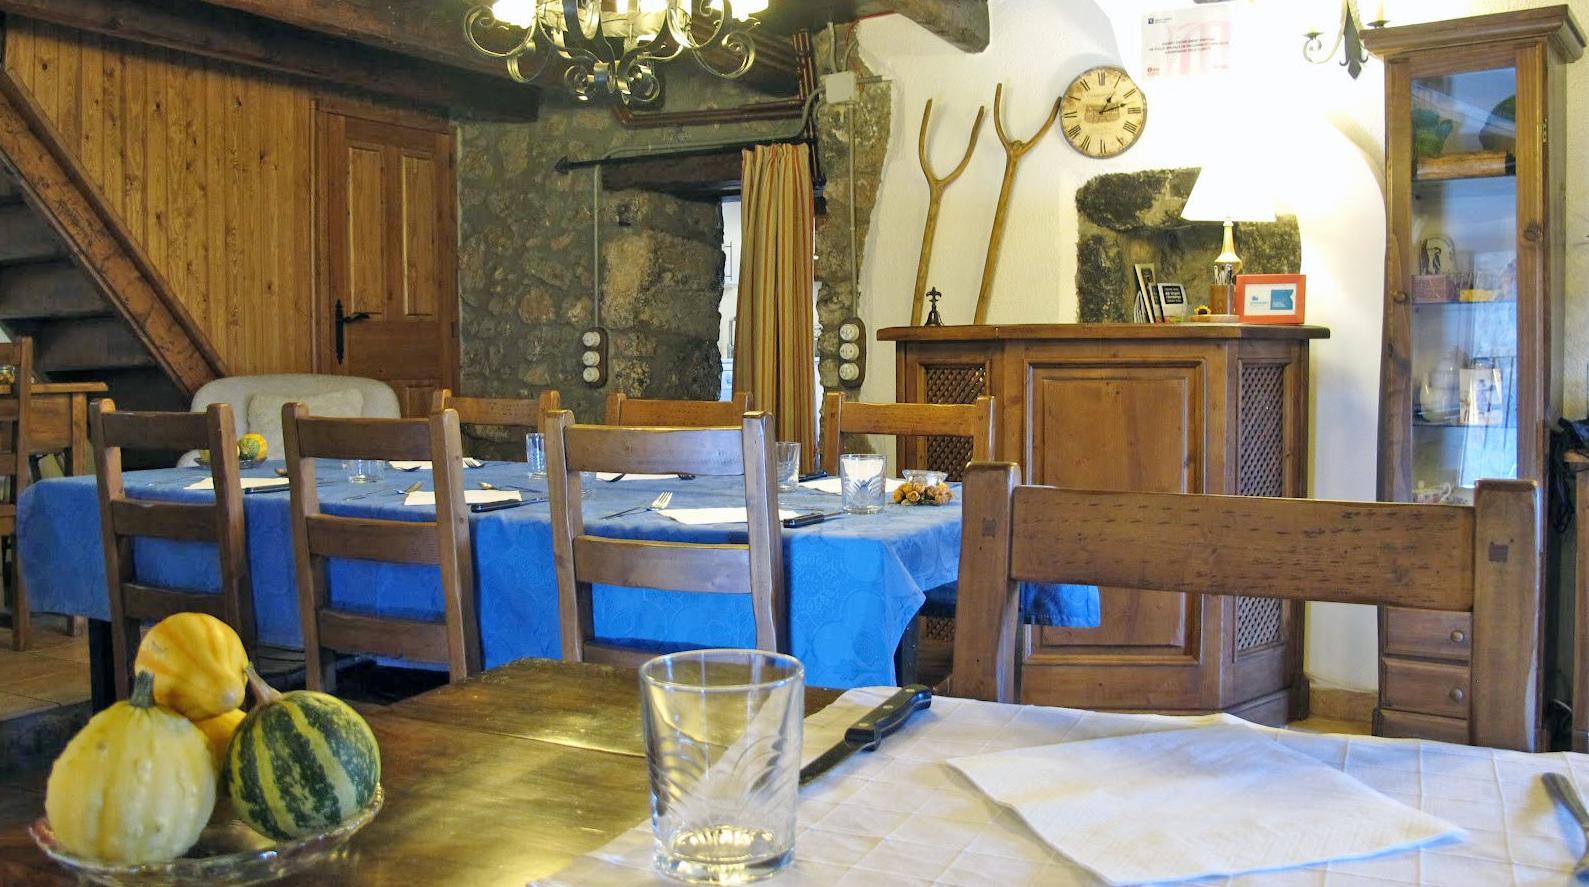 Restaurante Cal Coix - Maçanet de La Selva